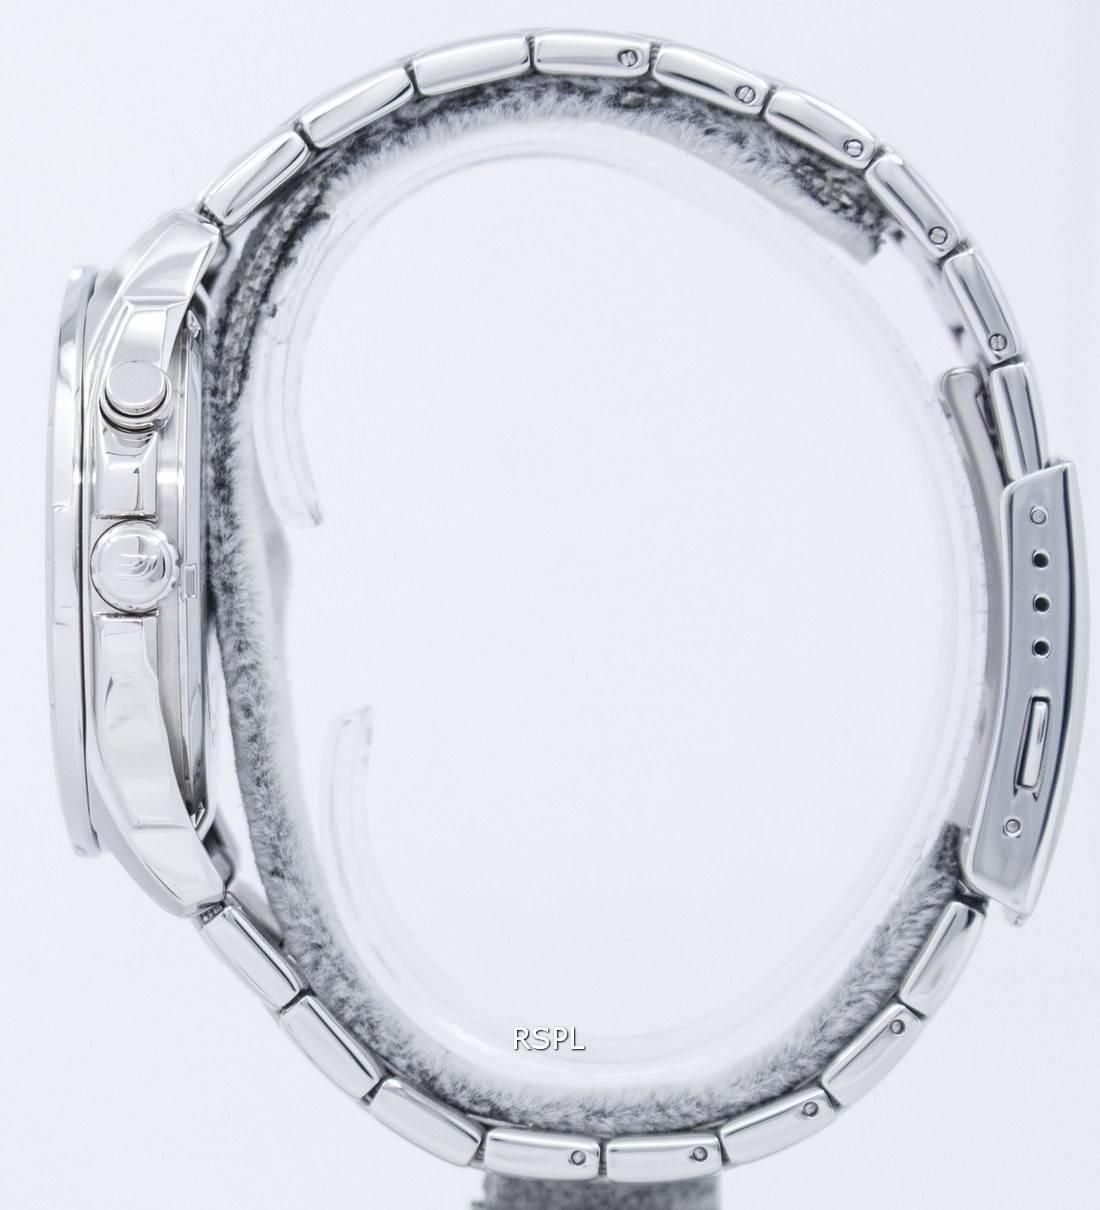 Casio Edifice quatre cadrans EF 328D 7AV montre homme France  g6eva